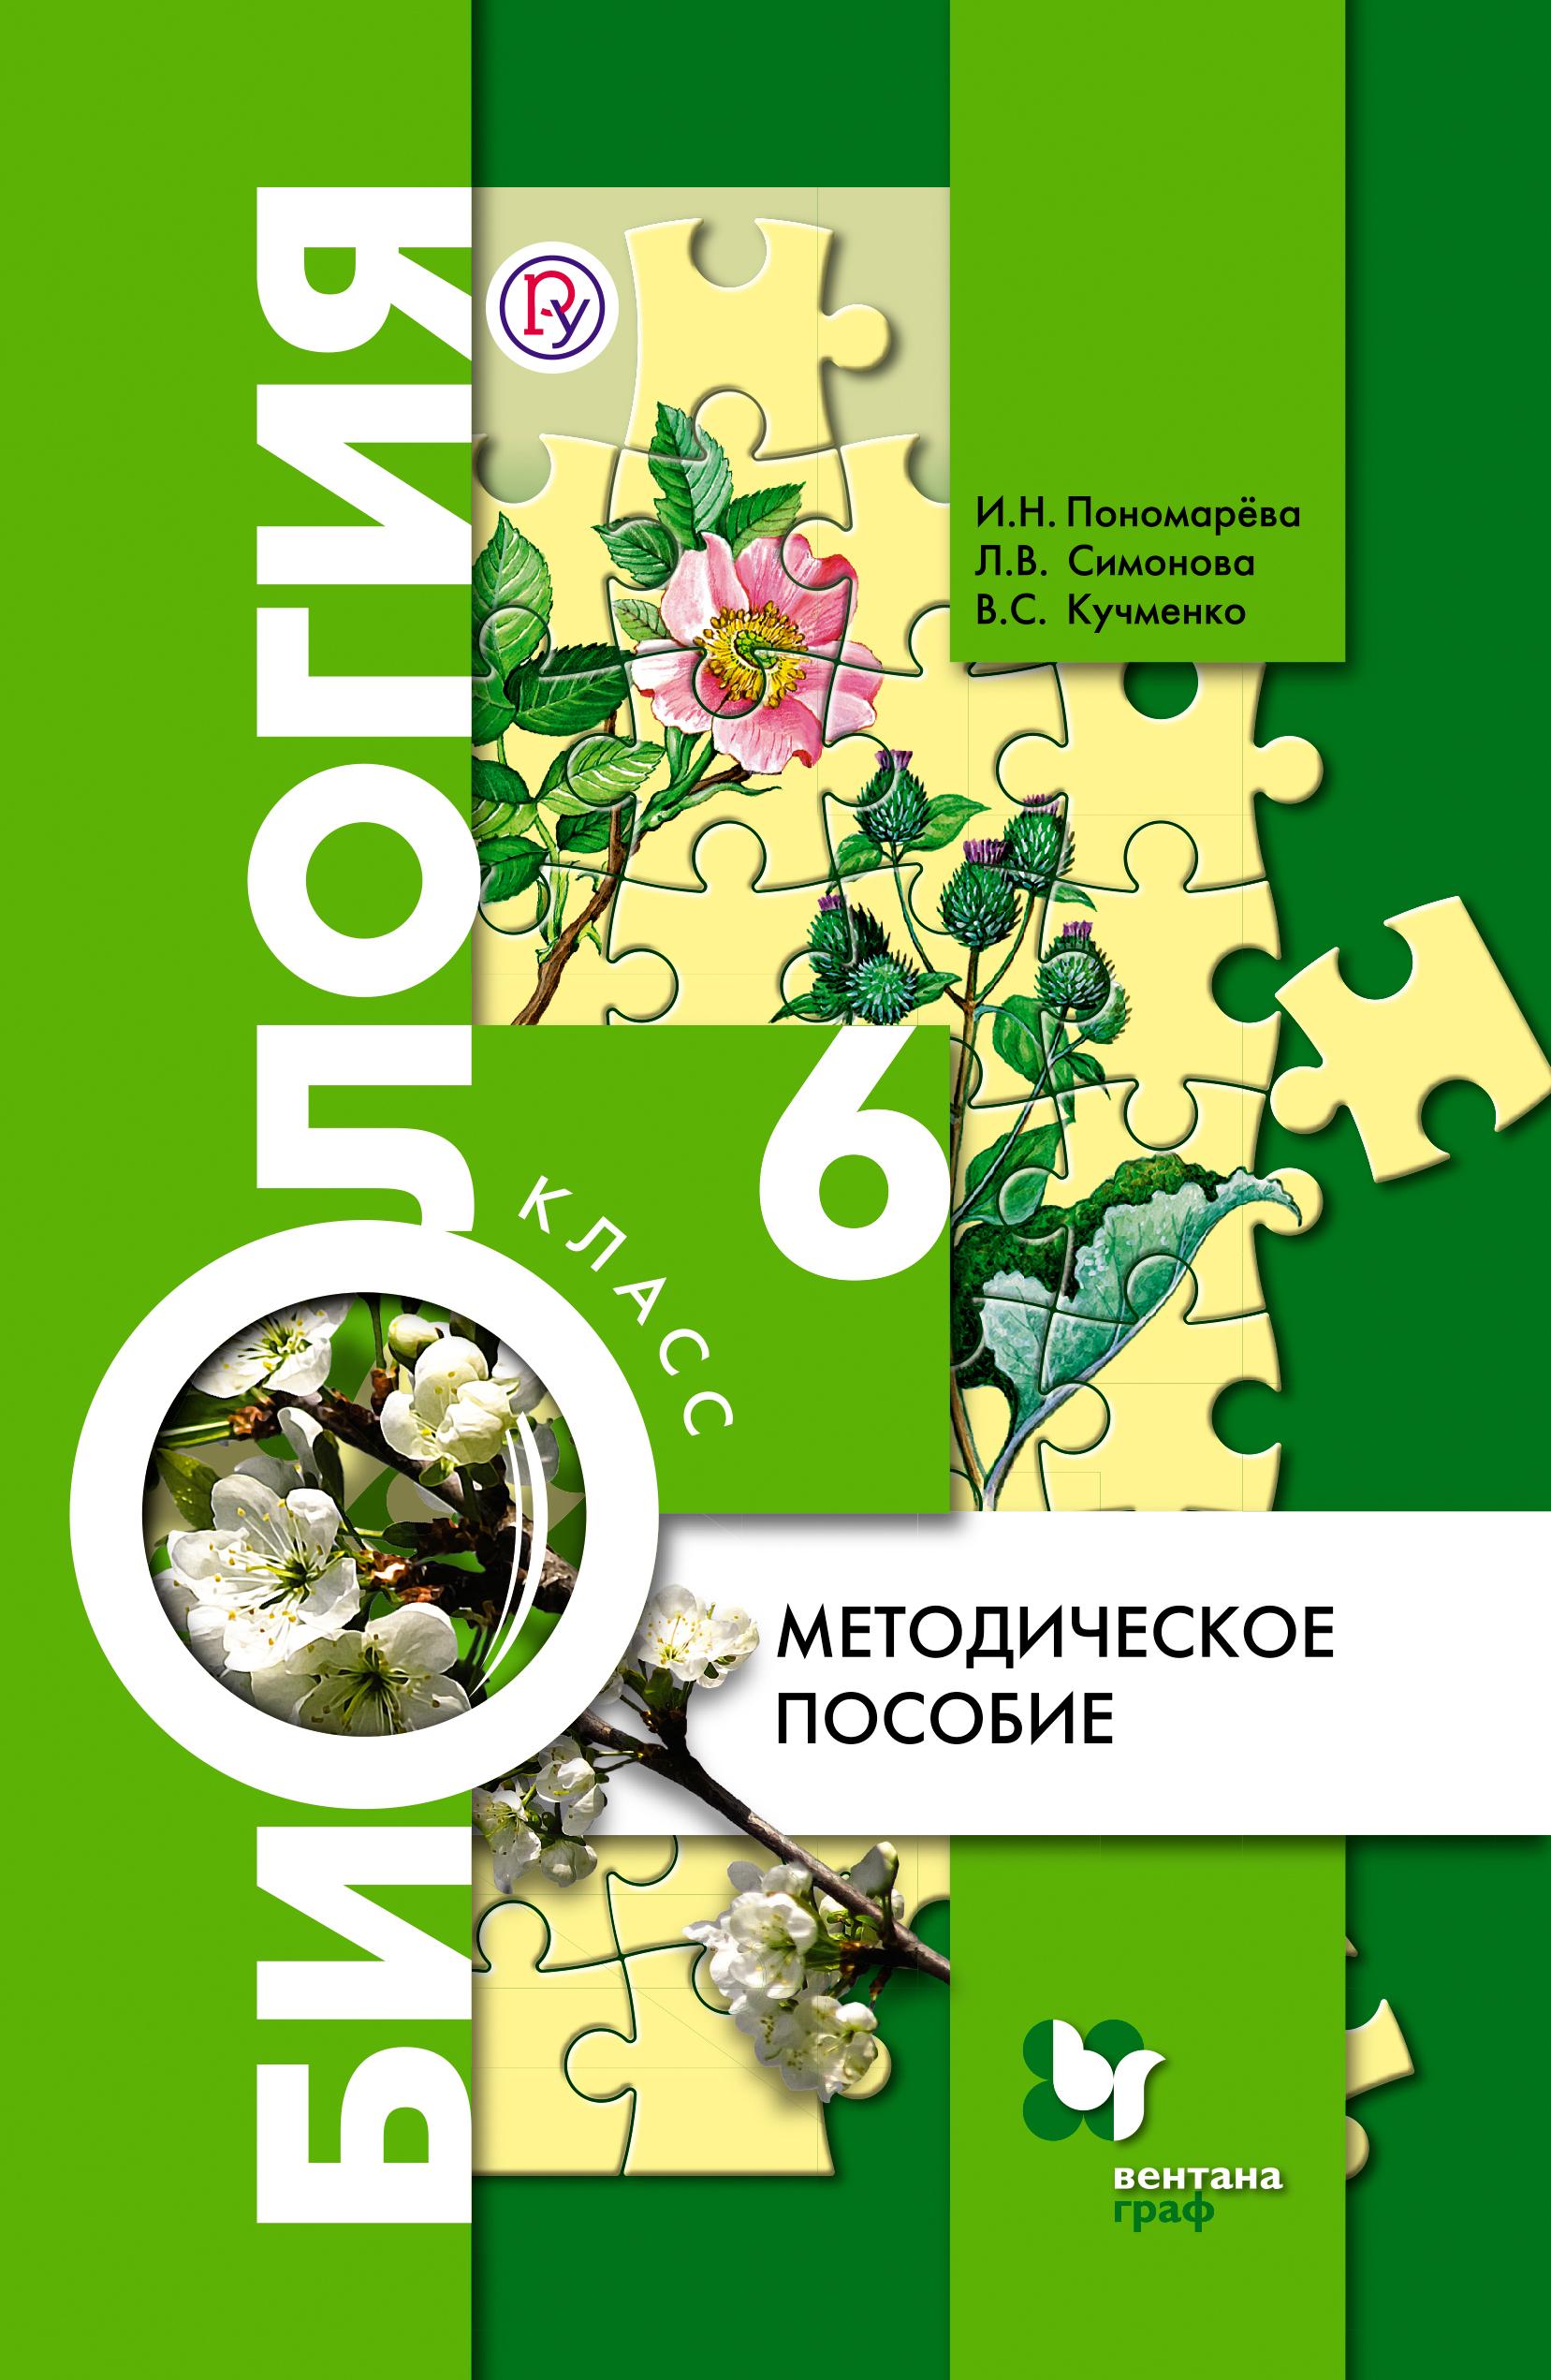 Биология. 6 класс. Методическое пособие. ( Пономарева И.Н., Николаев И.В., Корнилова А.В.  )